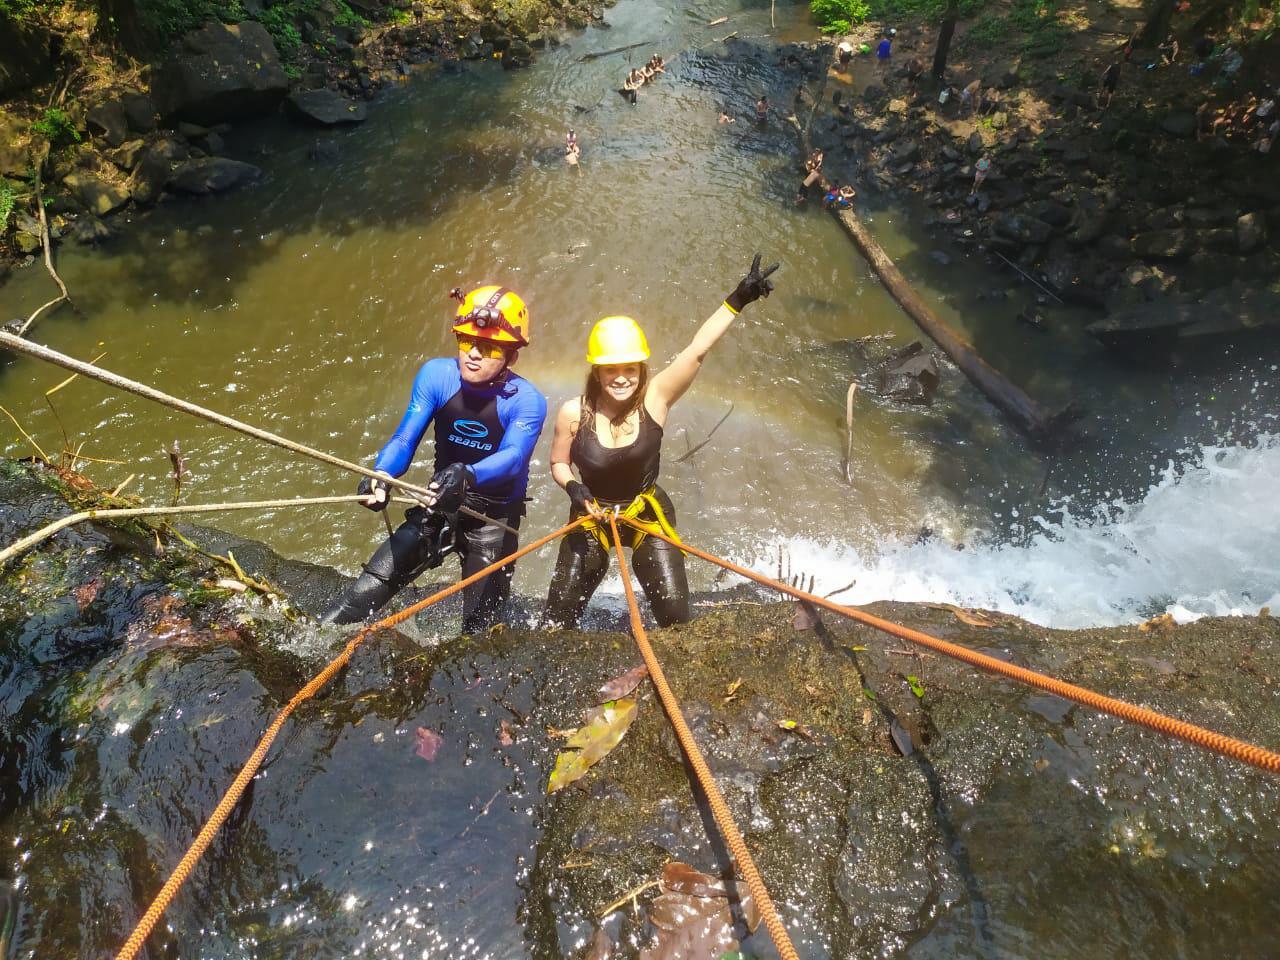 Grupo santareno se aventura em rapel na Cachoeira do Grim em Rurópolis